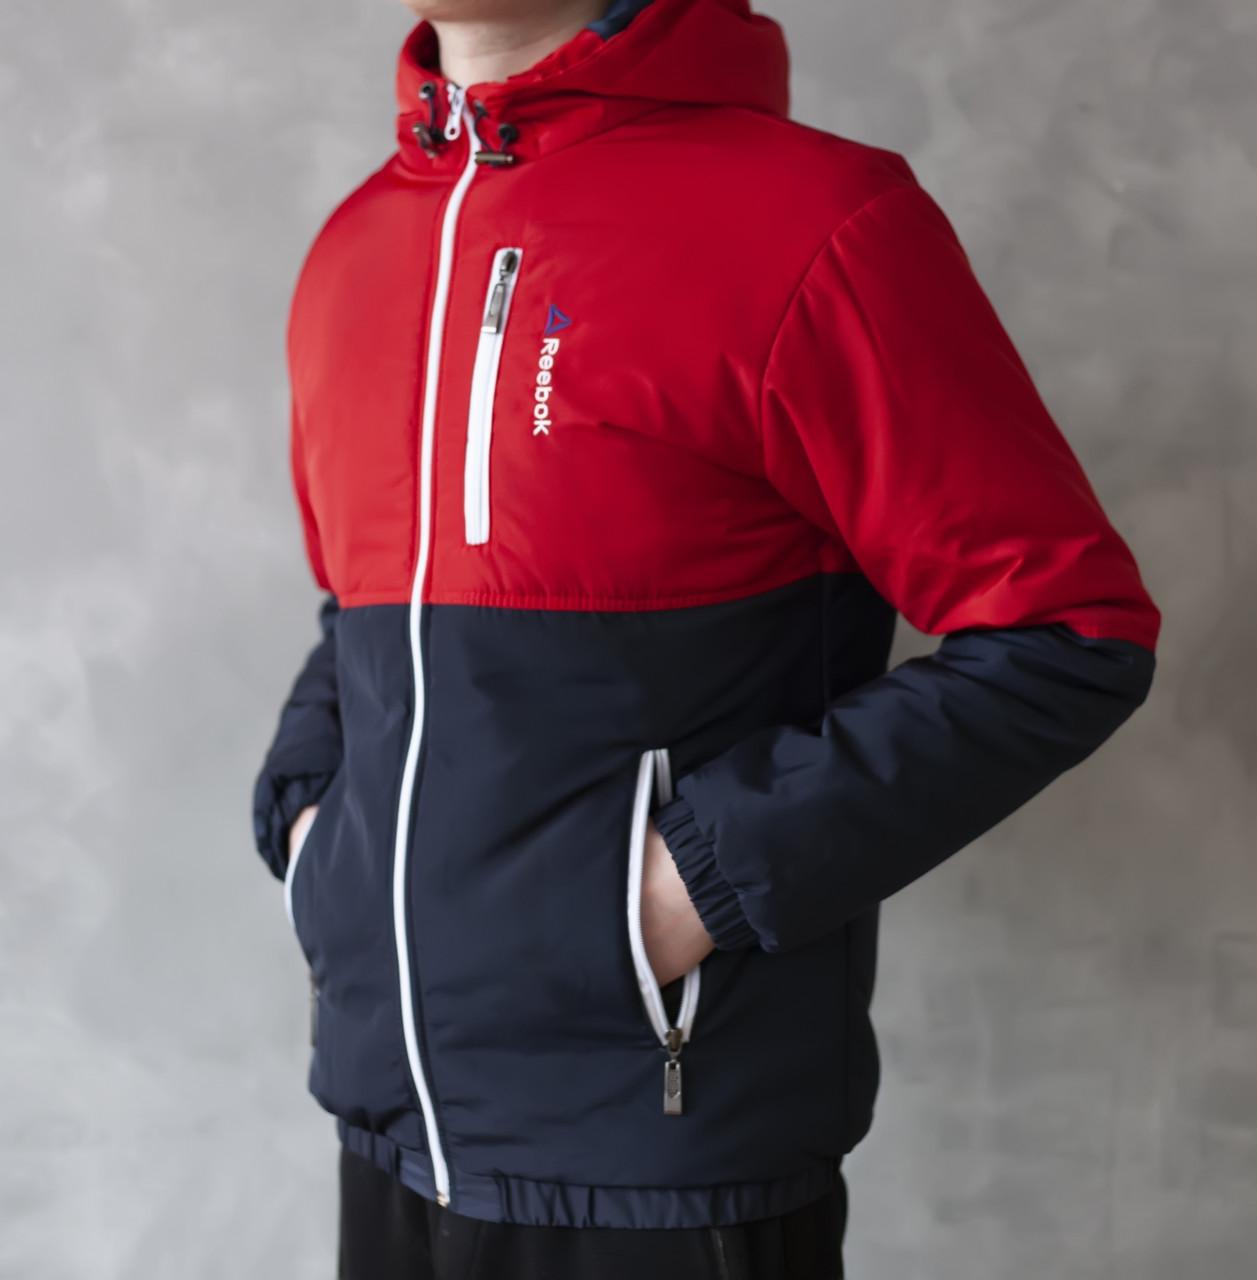 f8458561 Мужская куртка Reebok демисезонная 2019 купить недорого. Большой ...